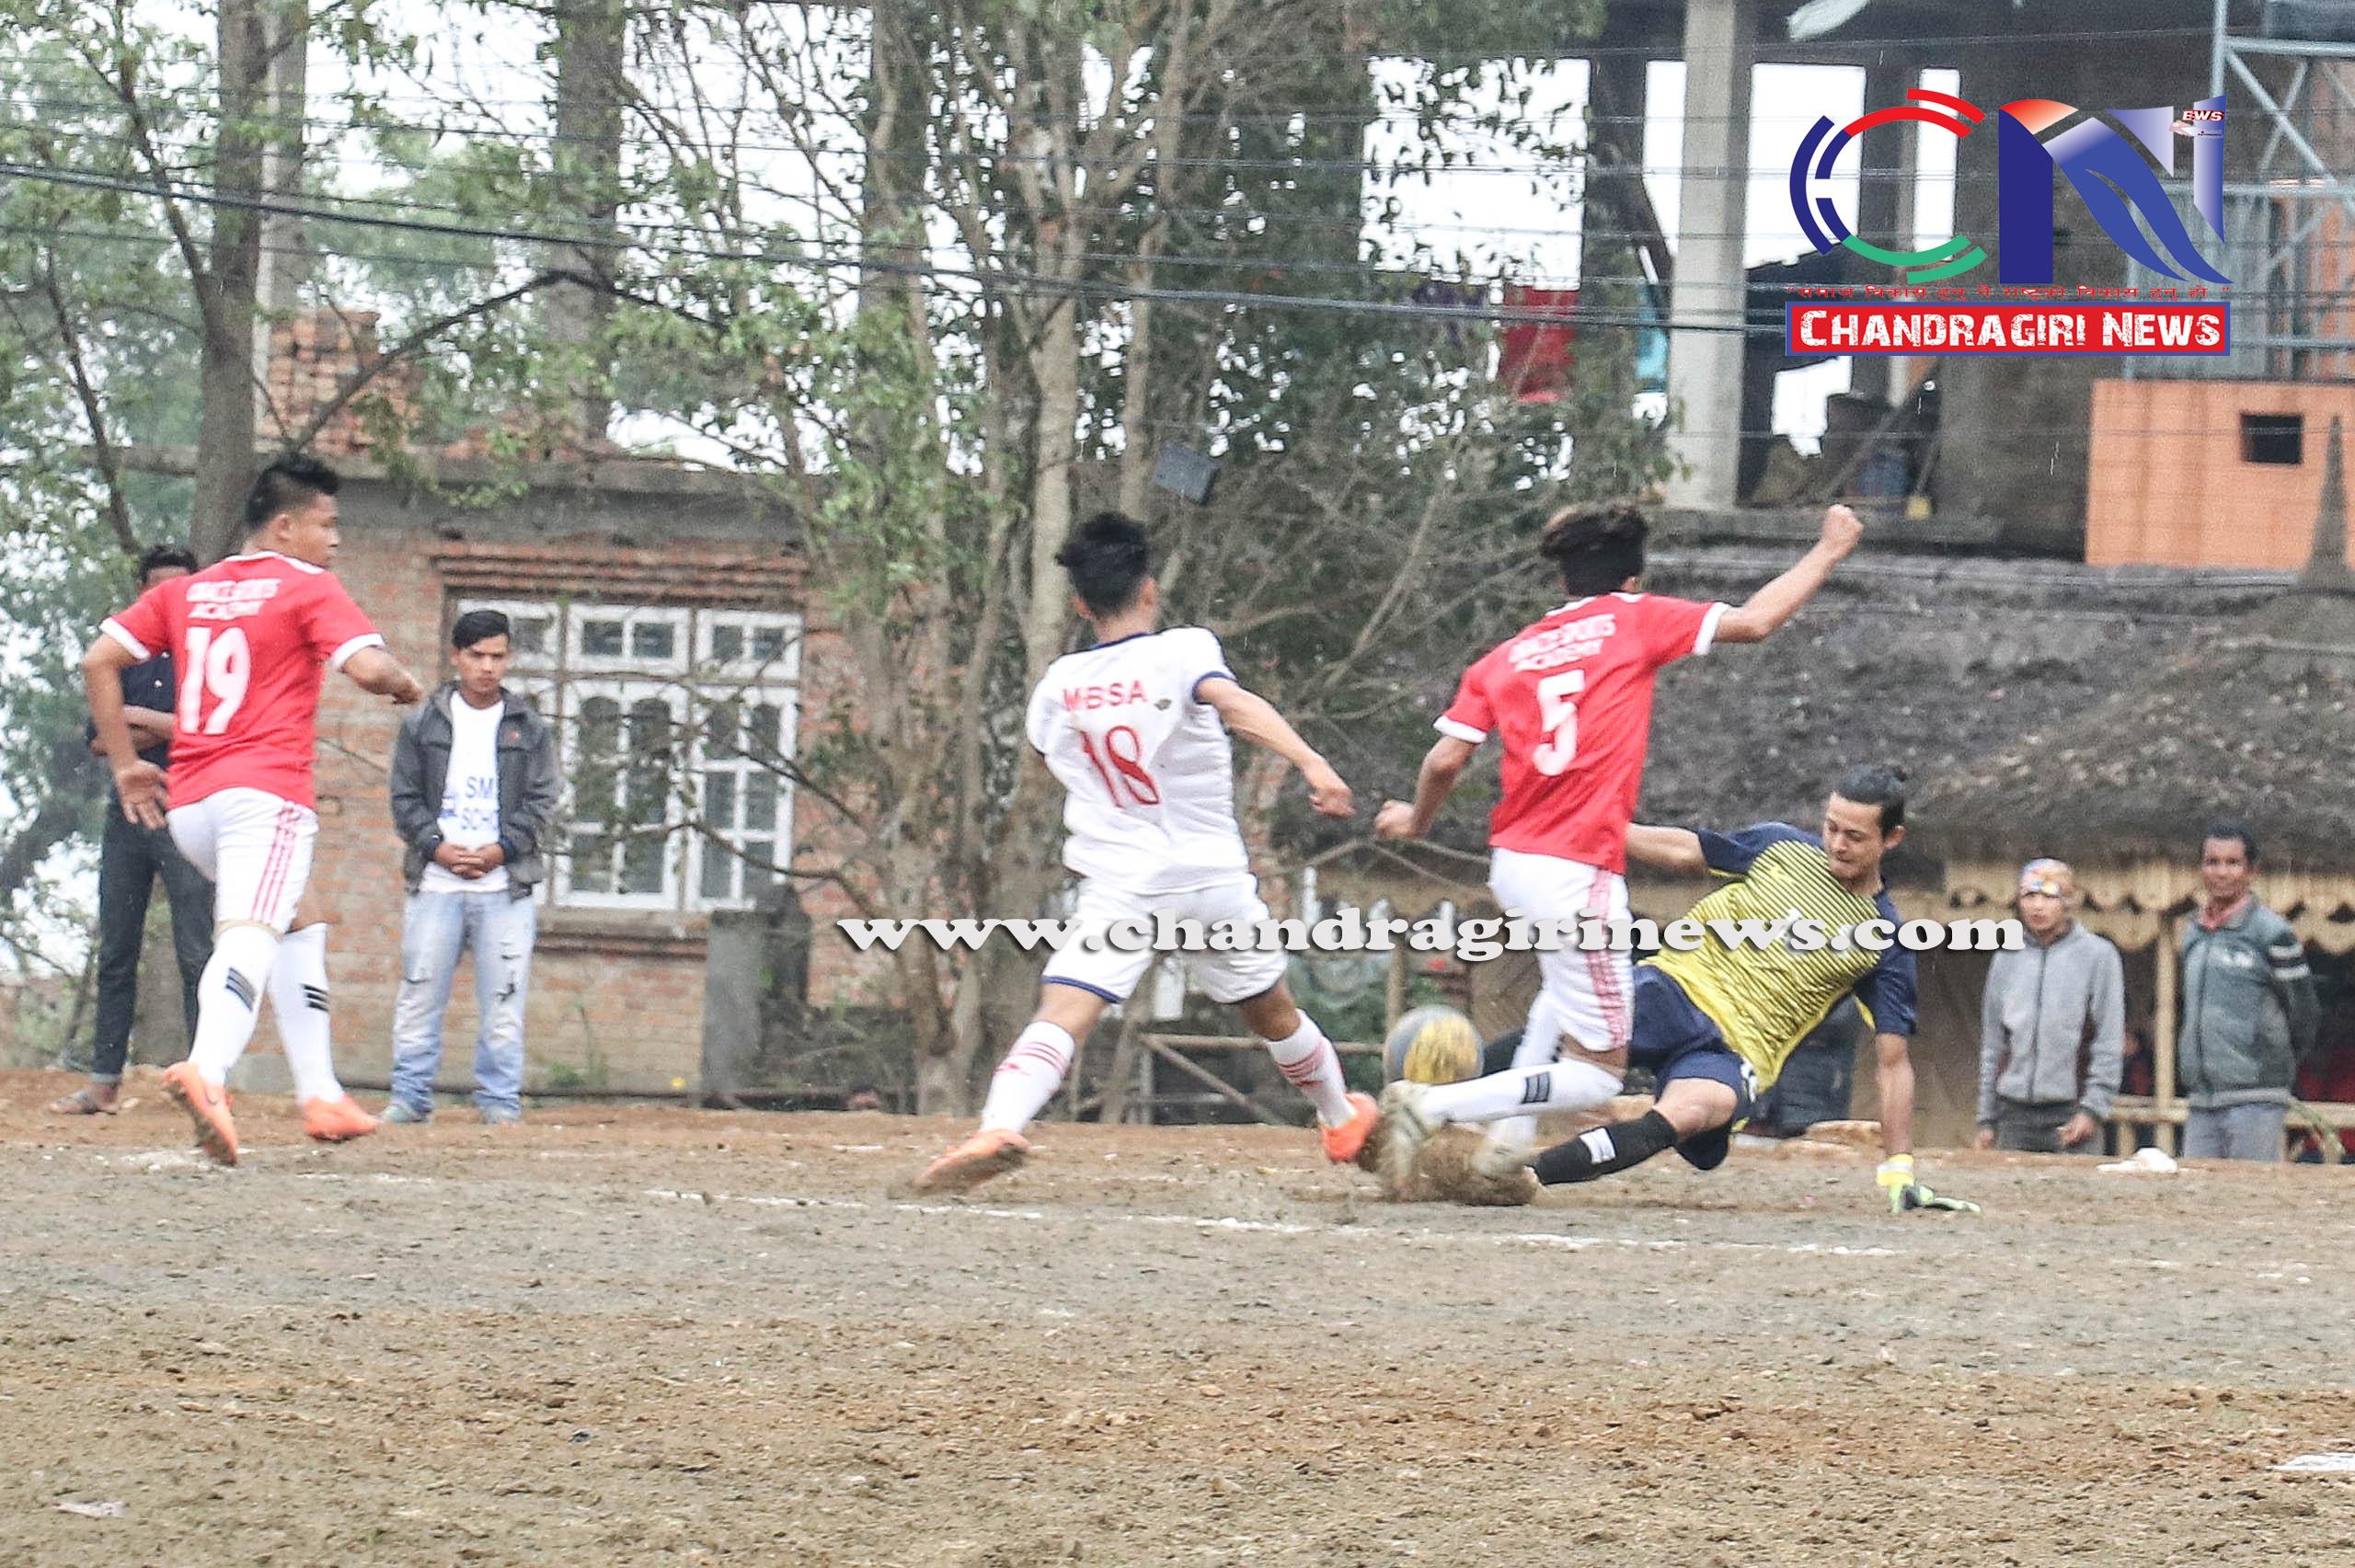 Chandragirinews western-united-3rd-game-5 चाैठाै नेपाललय वईस्टन युनाईटेड क्लवकप फुटबल प्रतियाेगितामा ब्लु बेल फुटबल क्लब र वराकल रे स्पोर्ट्स एकेडेमीको विजयी सुरुवात खेलकुद नगरपालिका ब्रेकिंग न्युज मातातिर्थ मुख्य राष्ट्रिय    chandragiri